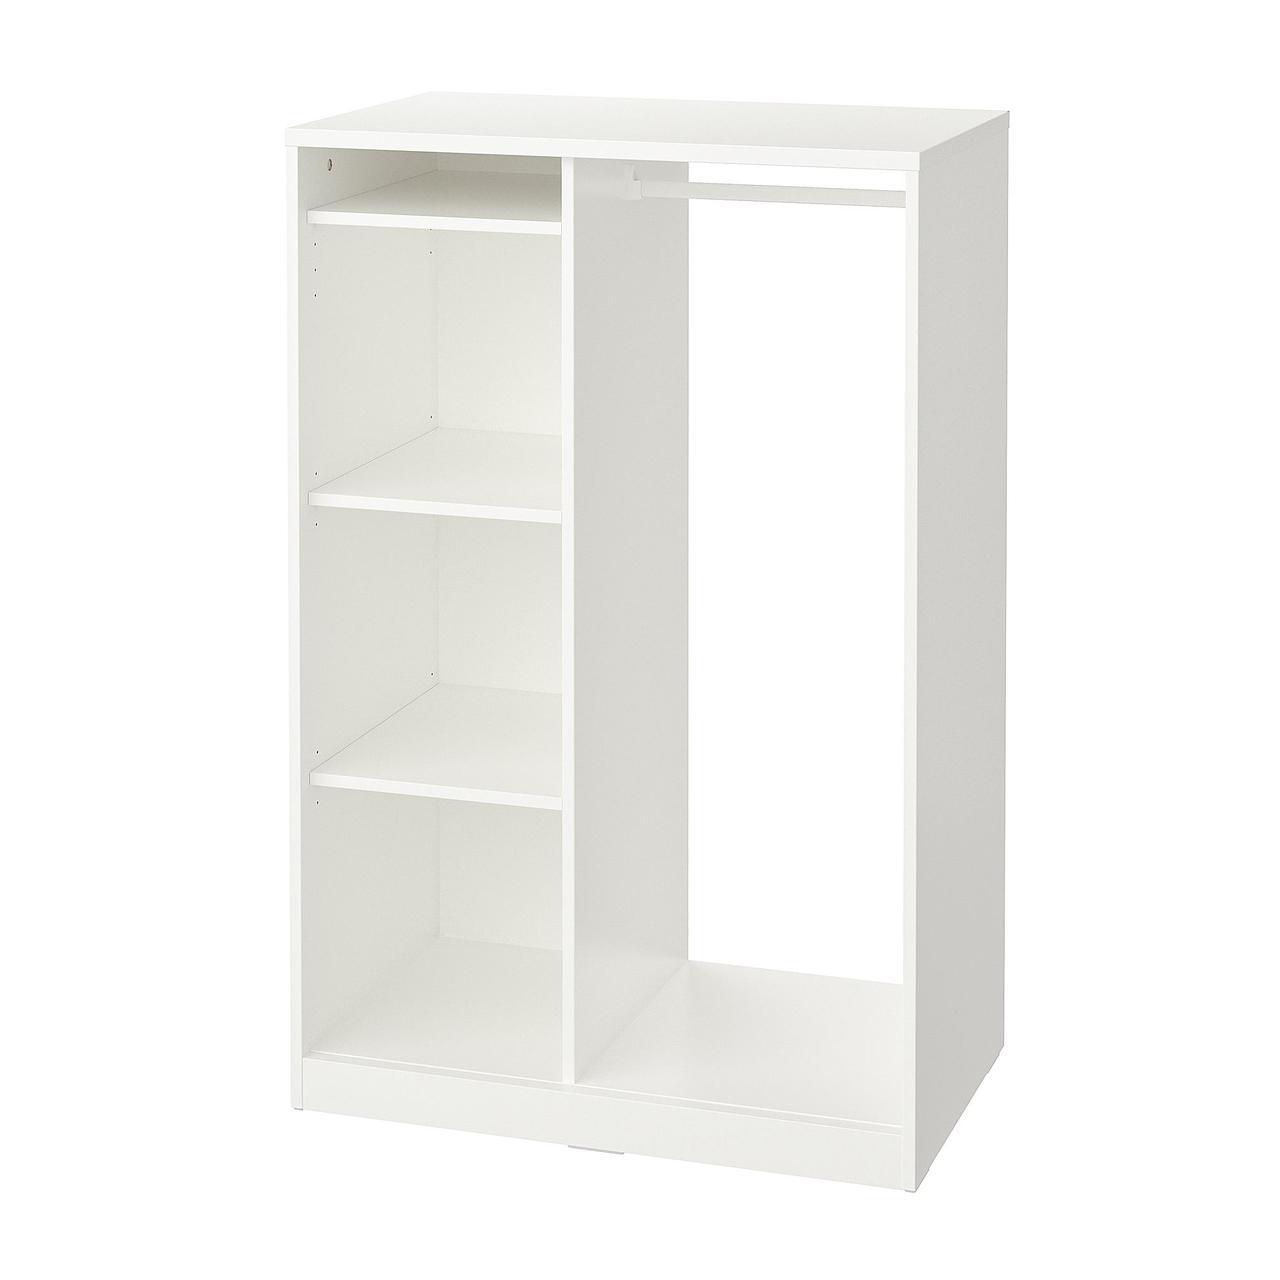 Открытый гардероб IKEA SYVDE белый 80x123 см 704.395.73